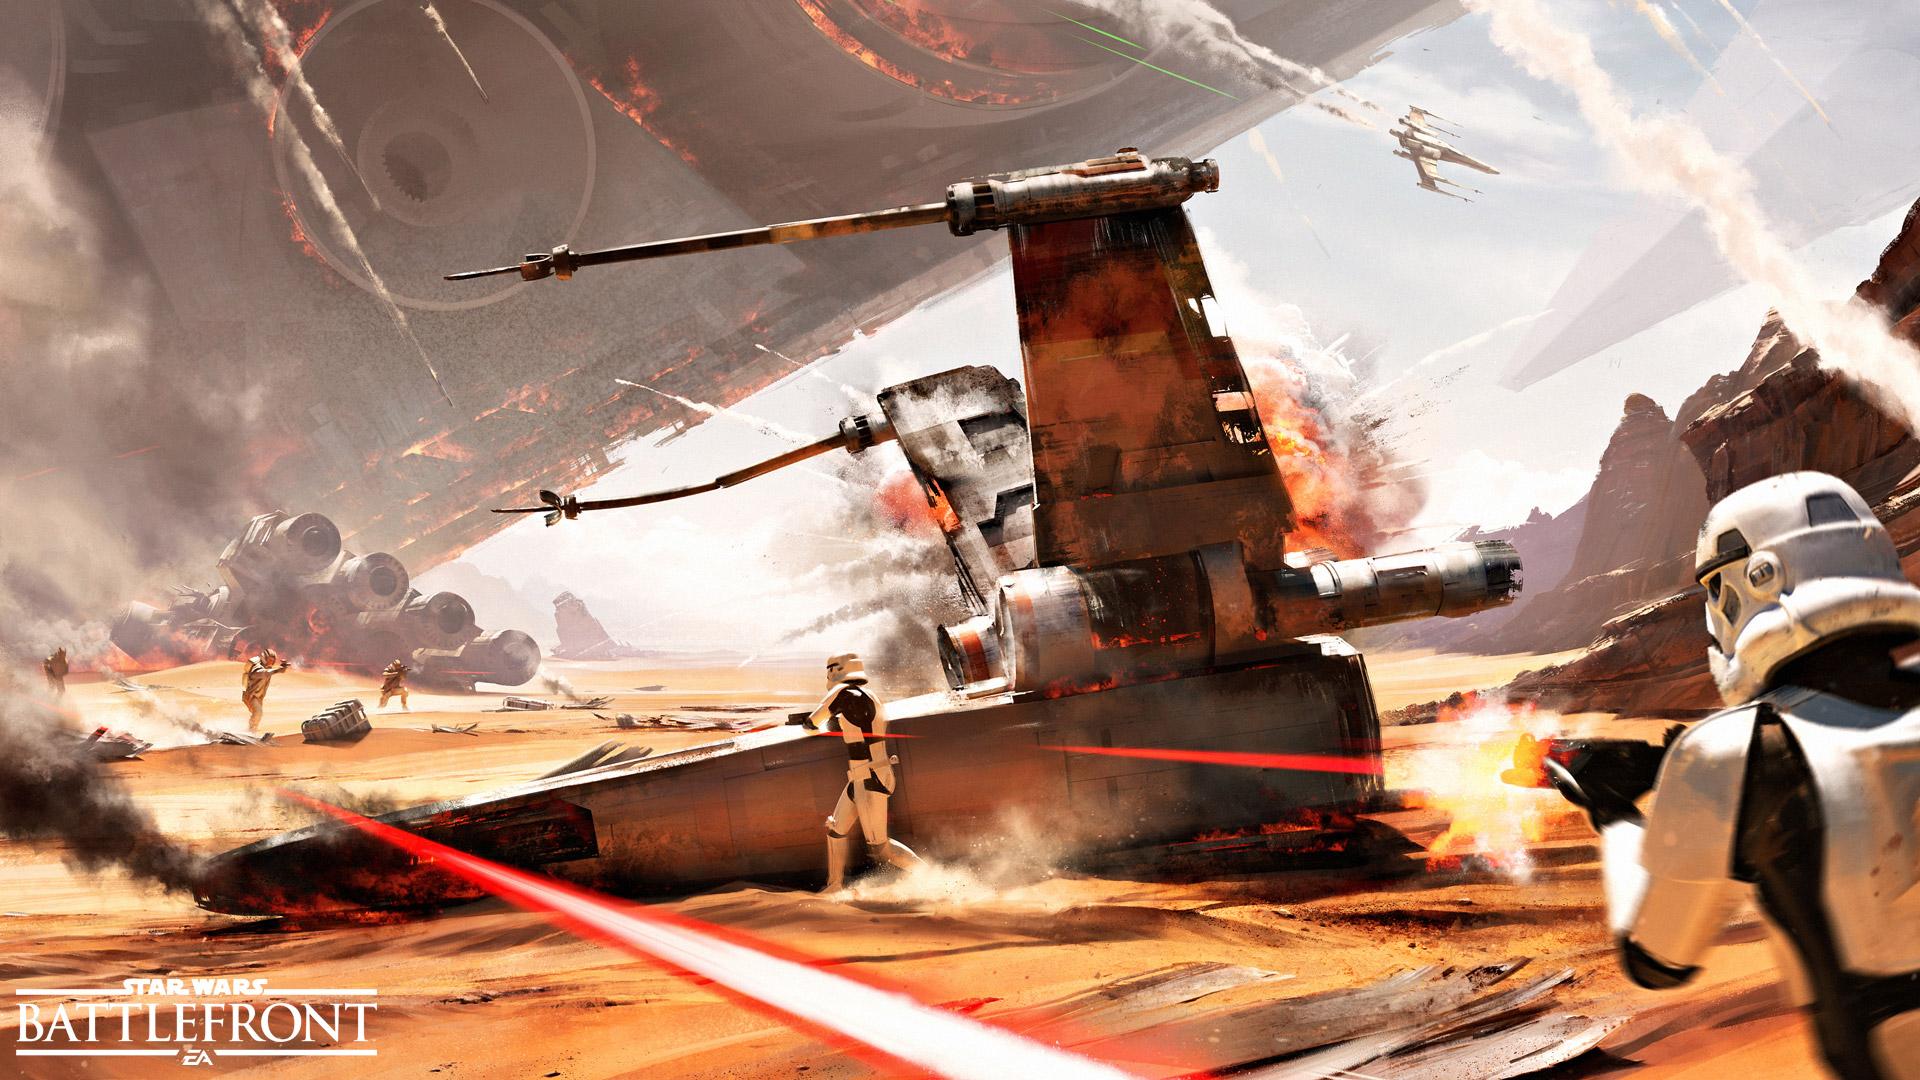 Croquis conceptuel de la bataille de Jakku